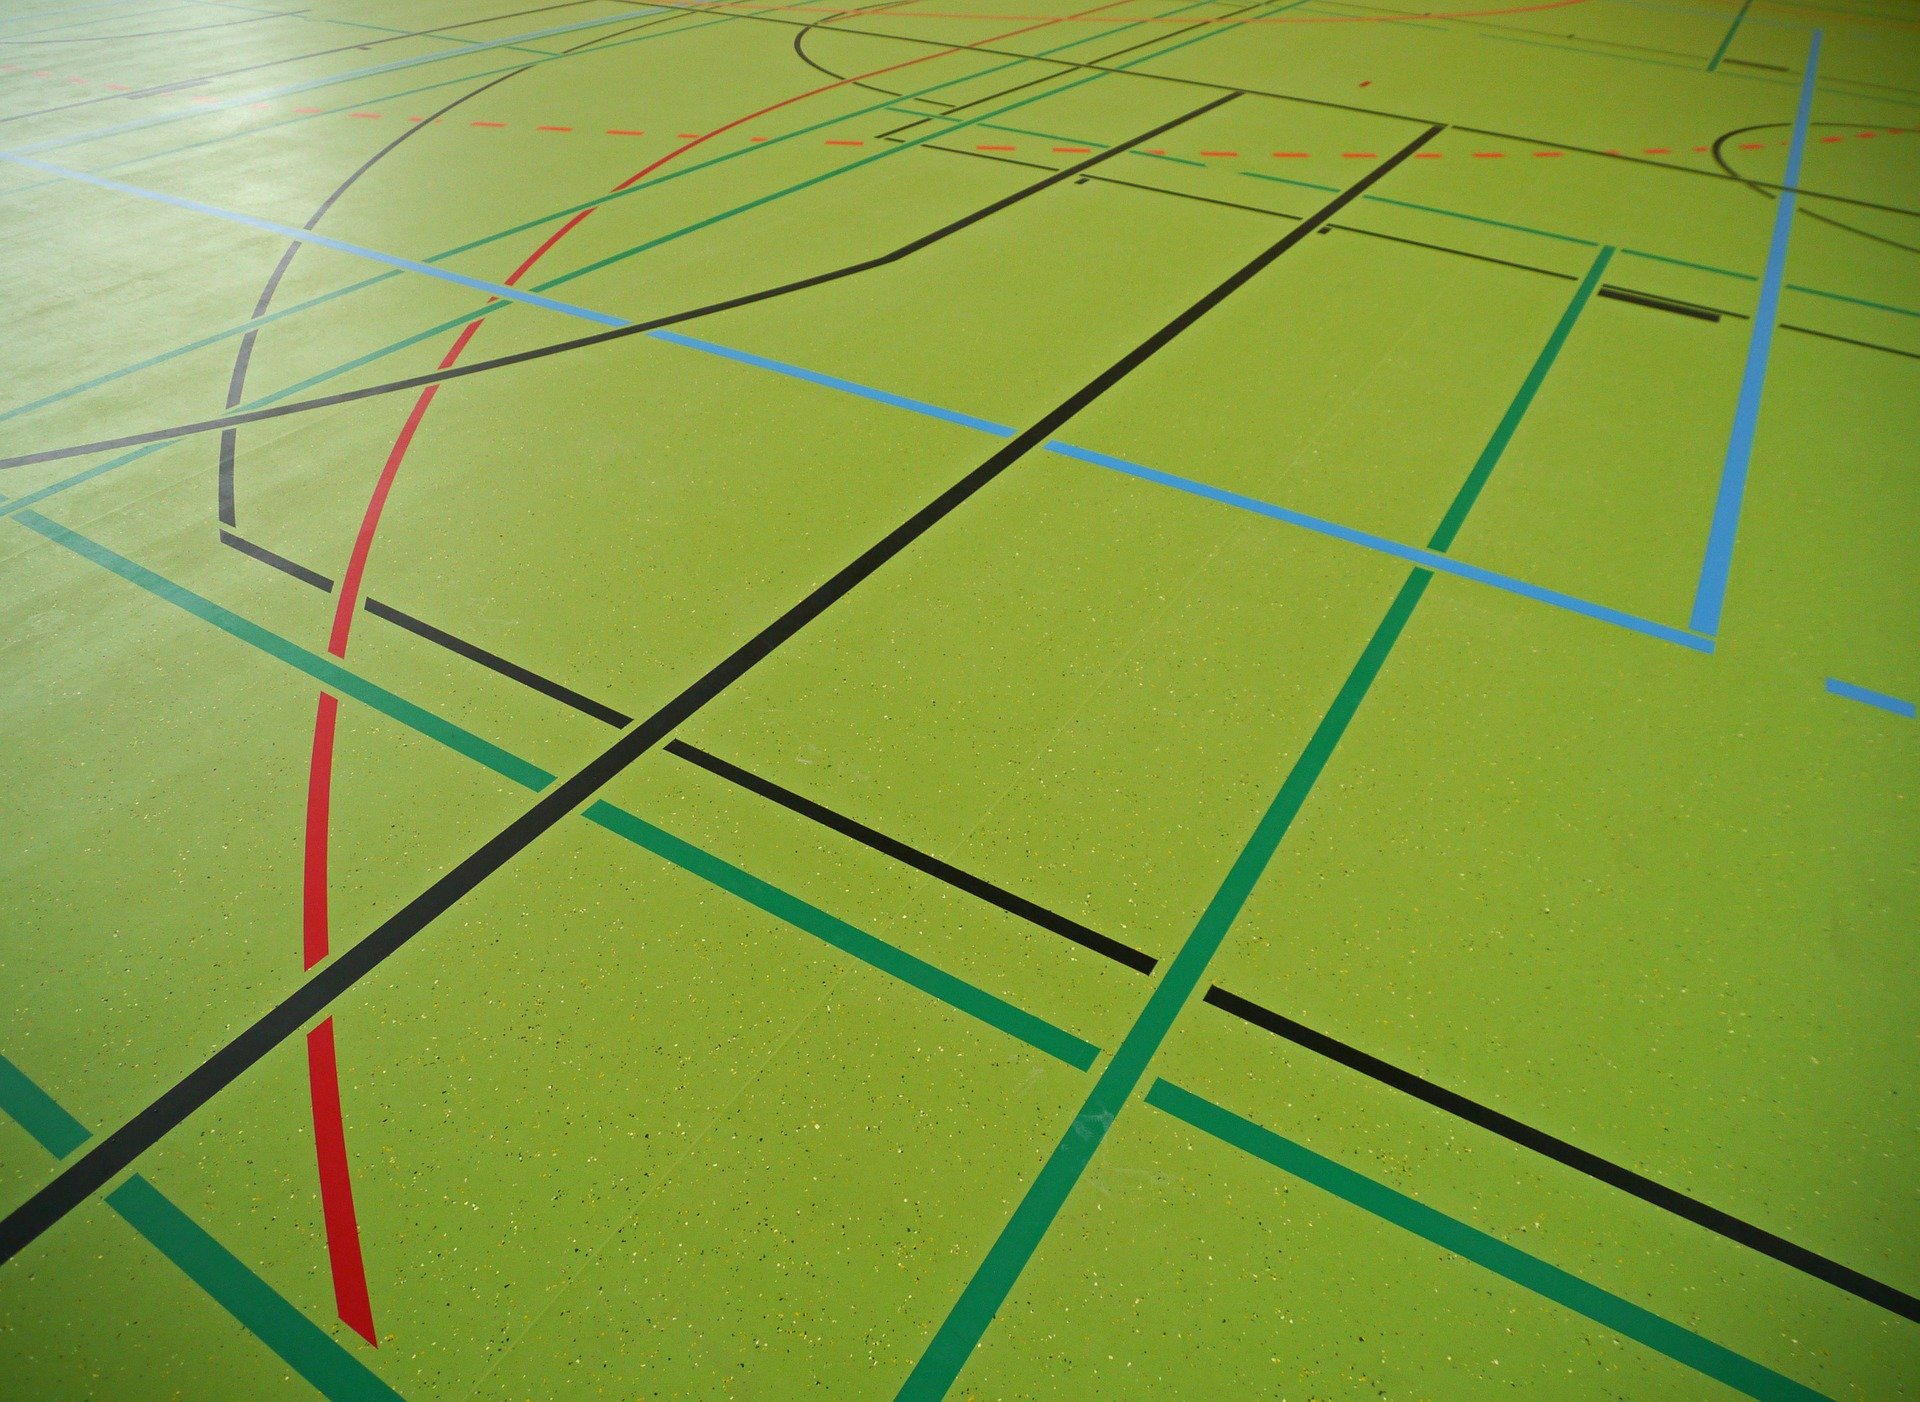 Dortmunds Hallensportler müssen sich noch weiter gedulden, bis sie in ihre Hallen zurückkehren können.(Symbolfoto: pixabay)